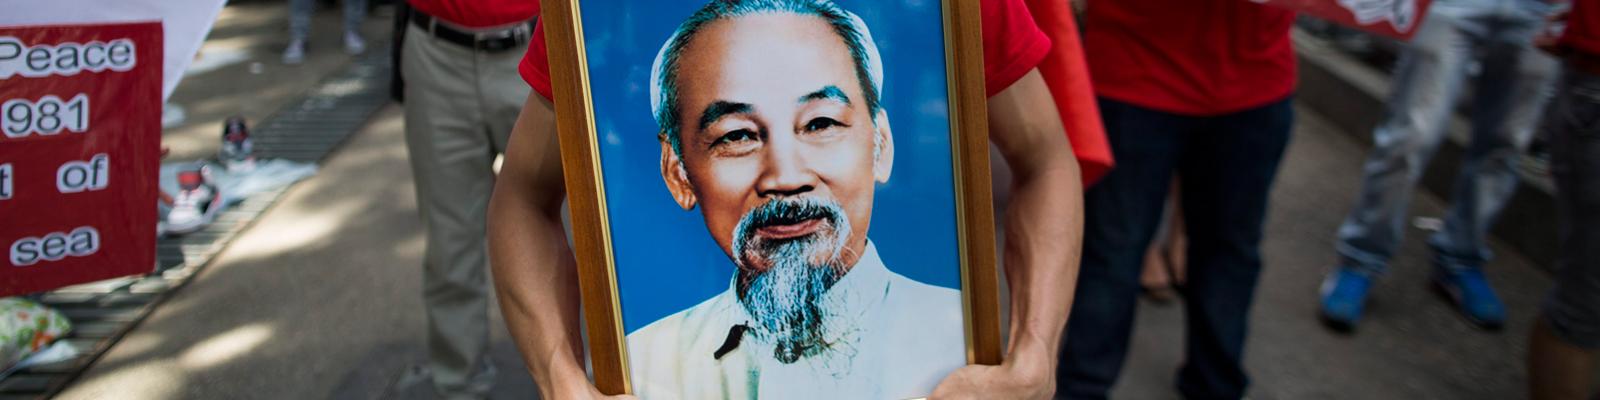 Am 25. August 1945 erkämpfte der Revolutionär Ho Chi Minh die Unabhängigkeit Vietnams. Ein Demonstrant hält sein Porträt aus Protest gegen die China-Politik.